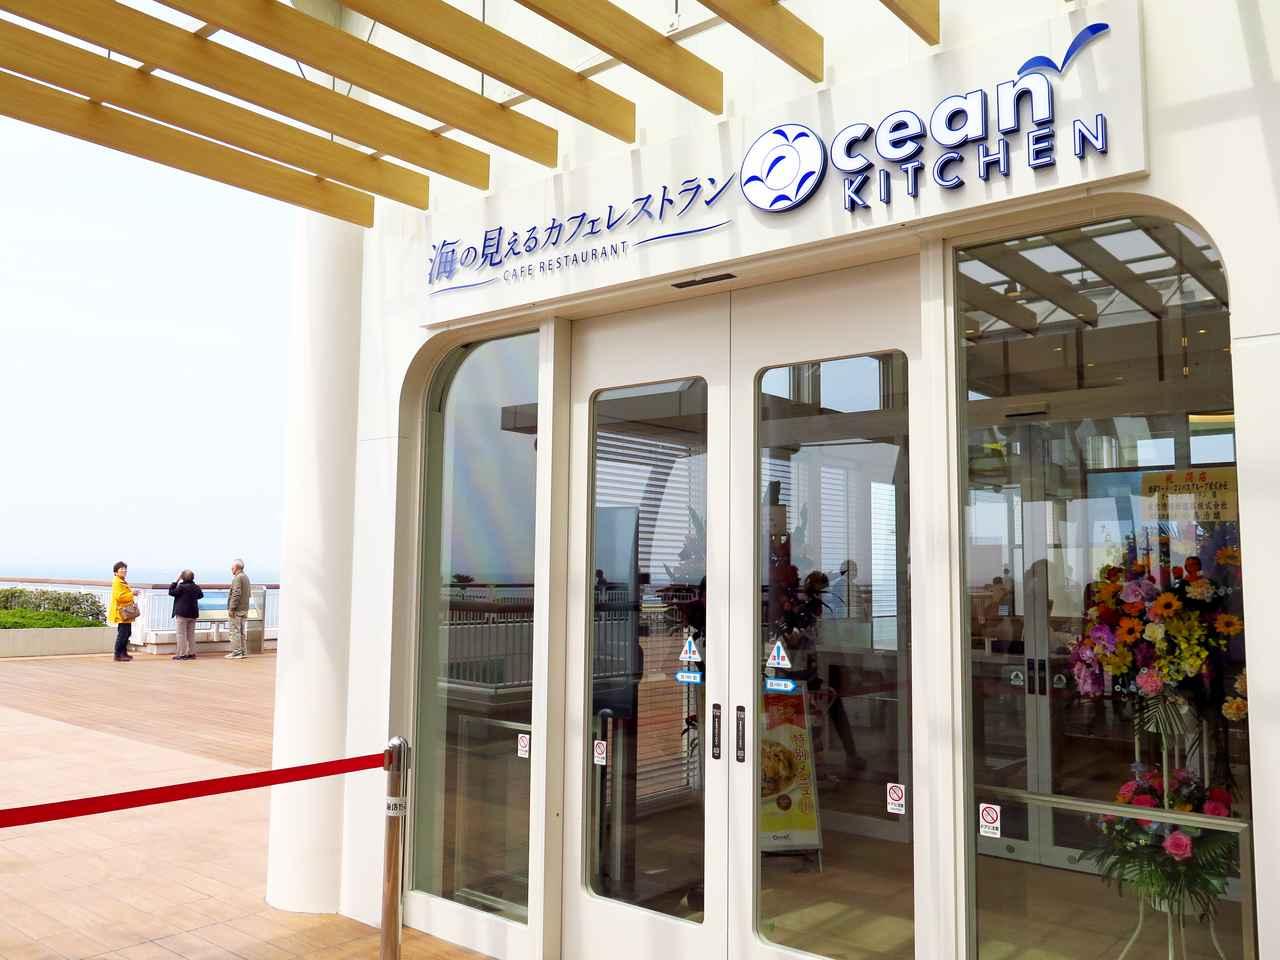 画像1: 5階には3軒の新店舗がオープン!